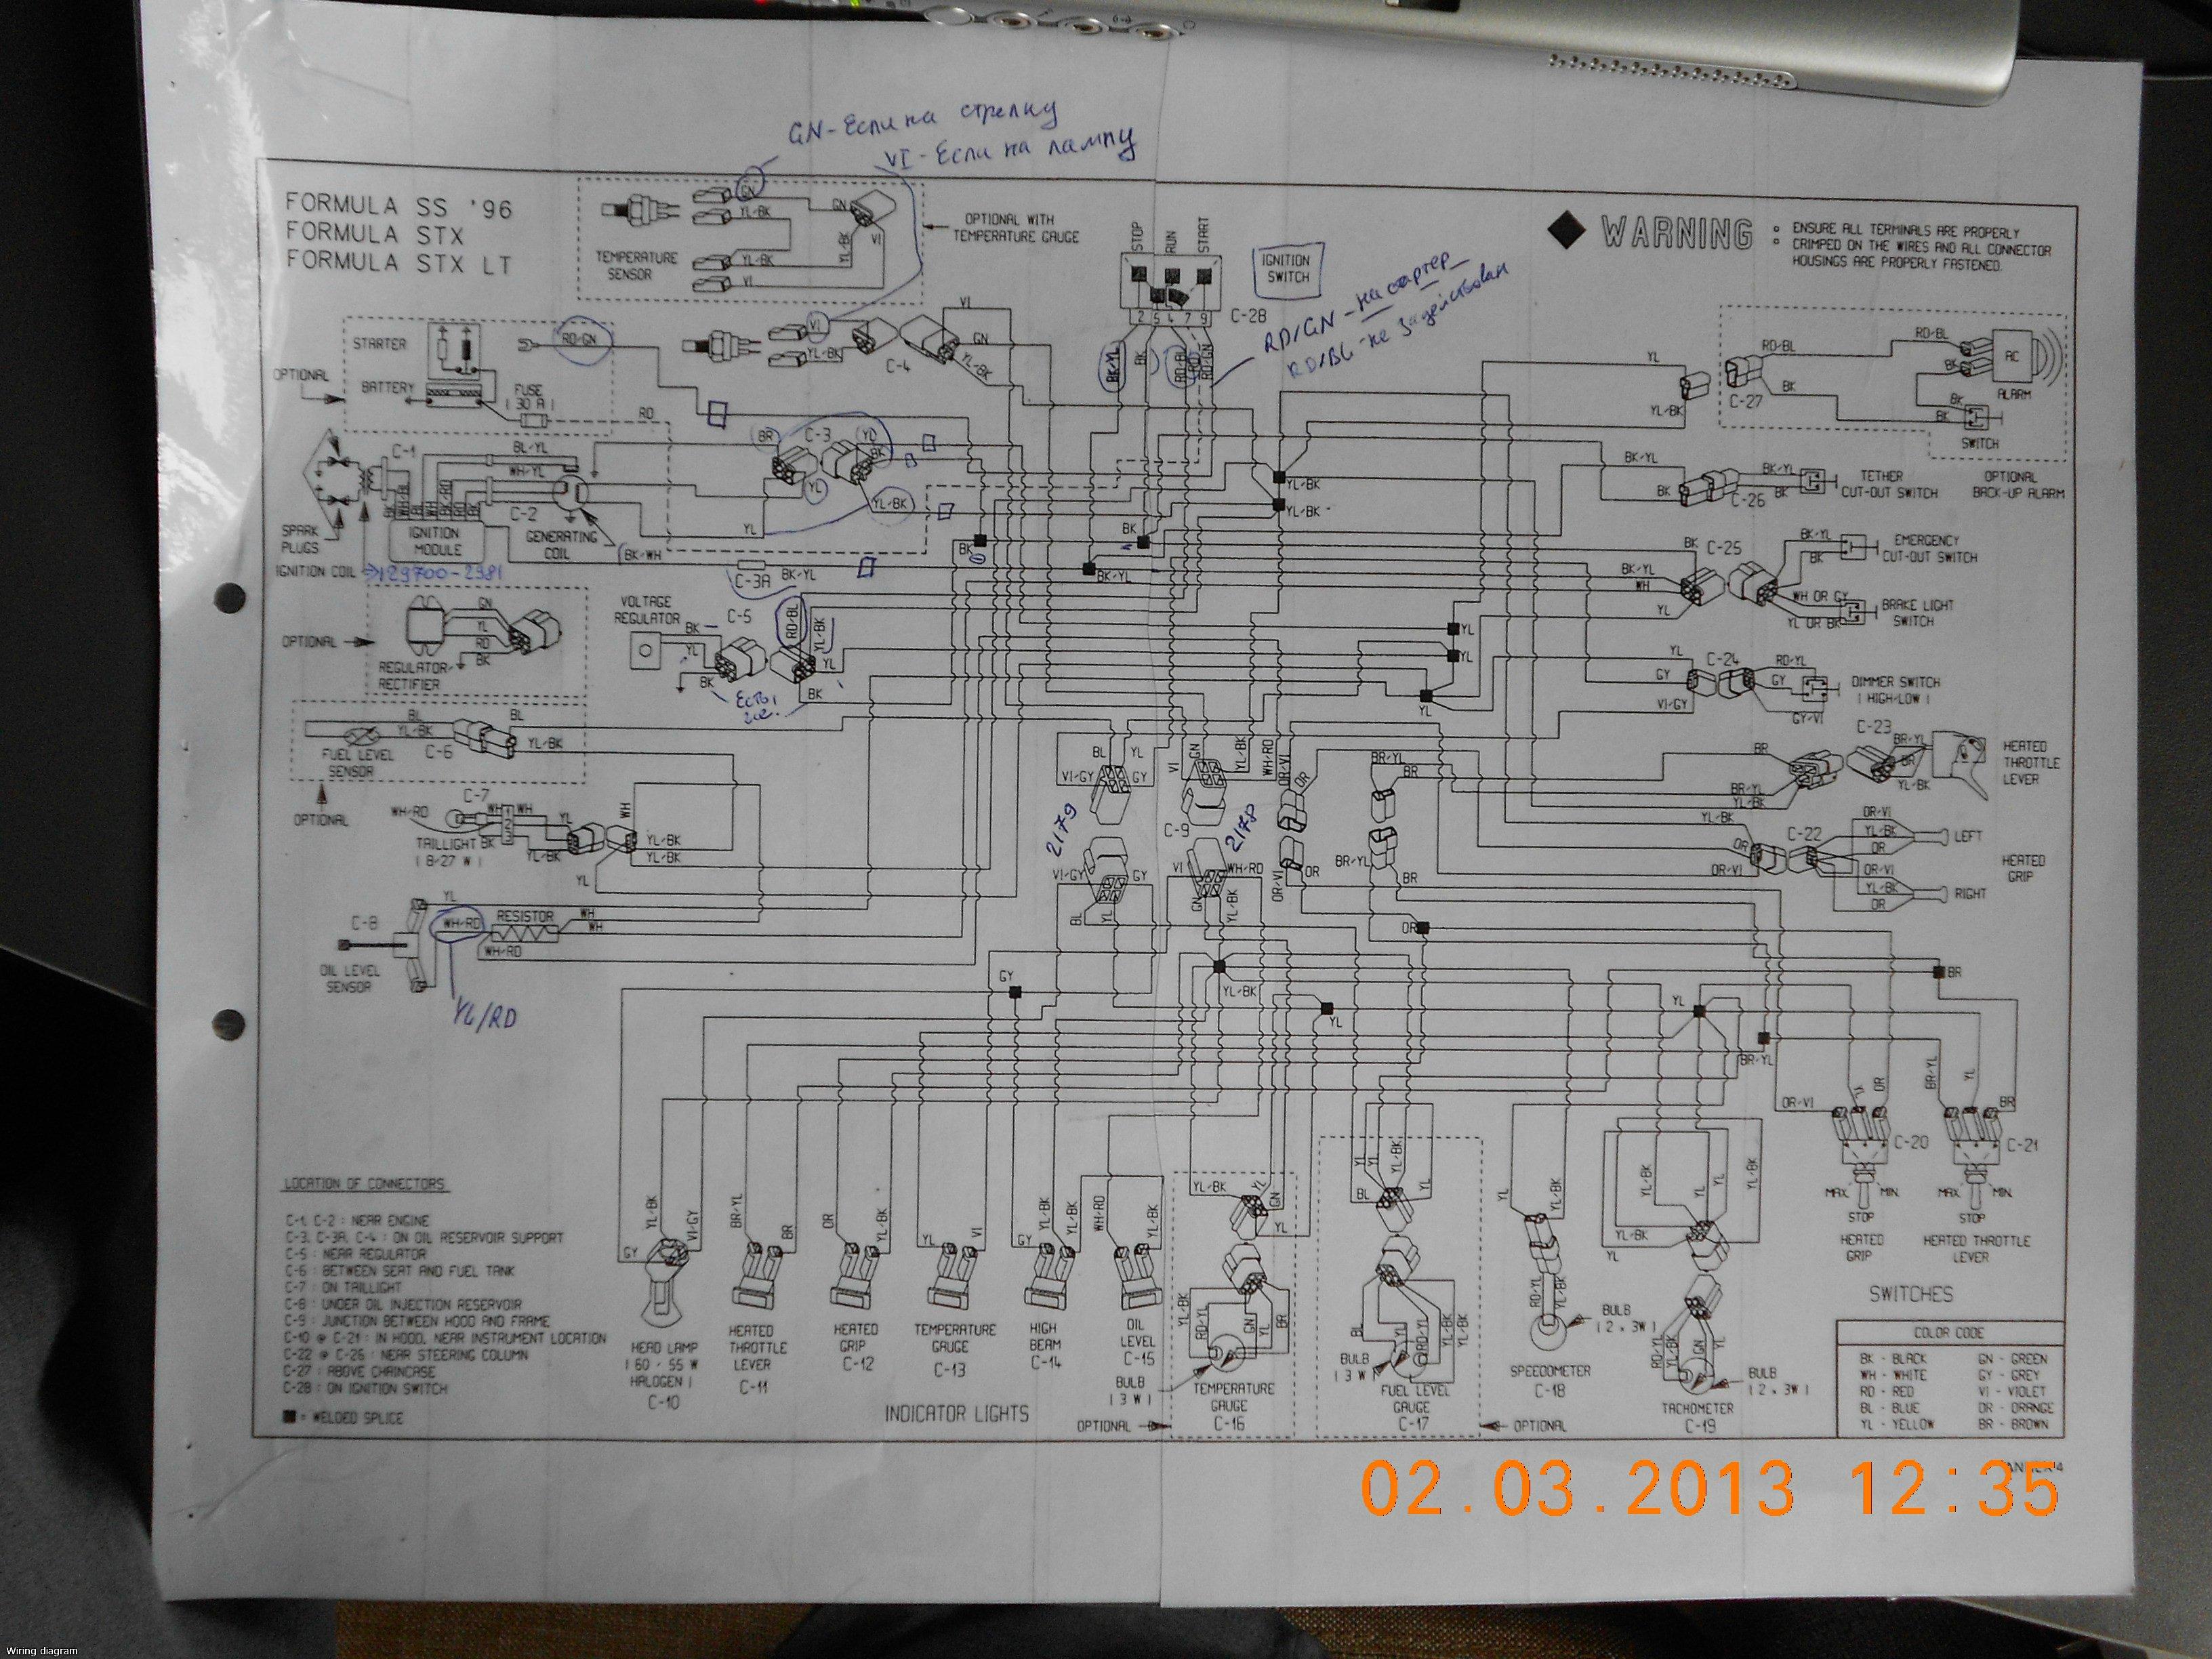 96 sea doo wiring diagram lf 1899  ski doo mxz x wiring diagram  lf 1899  ski doo mxz x wiring diagram